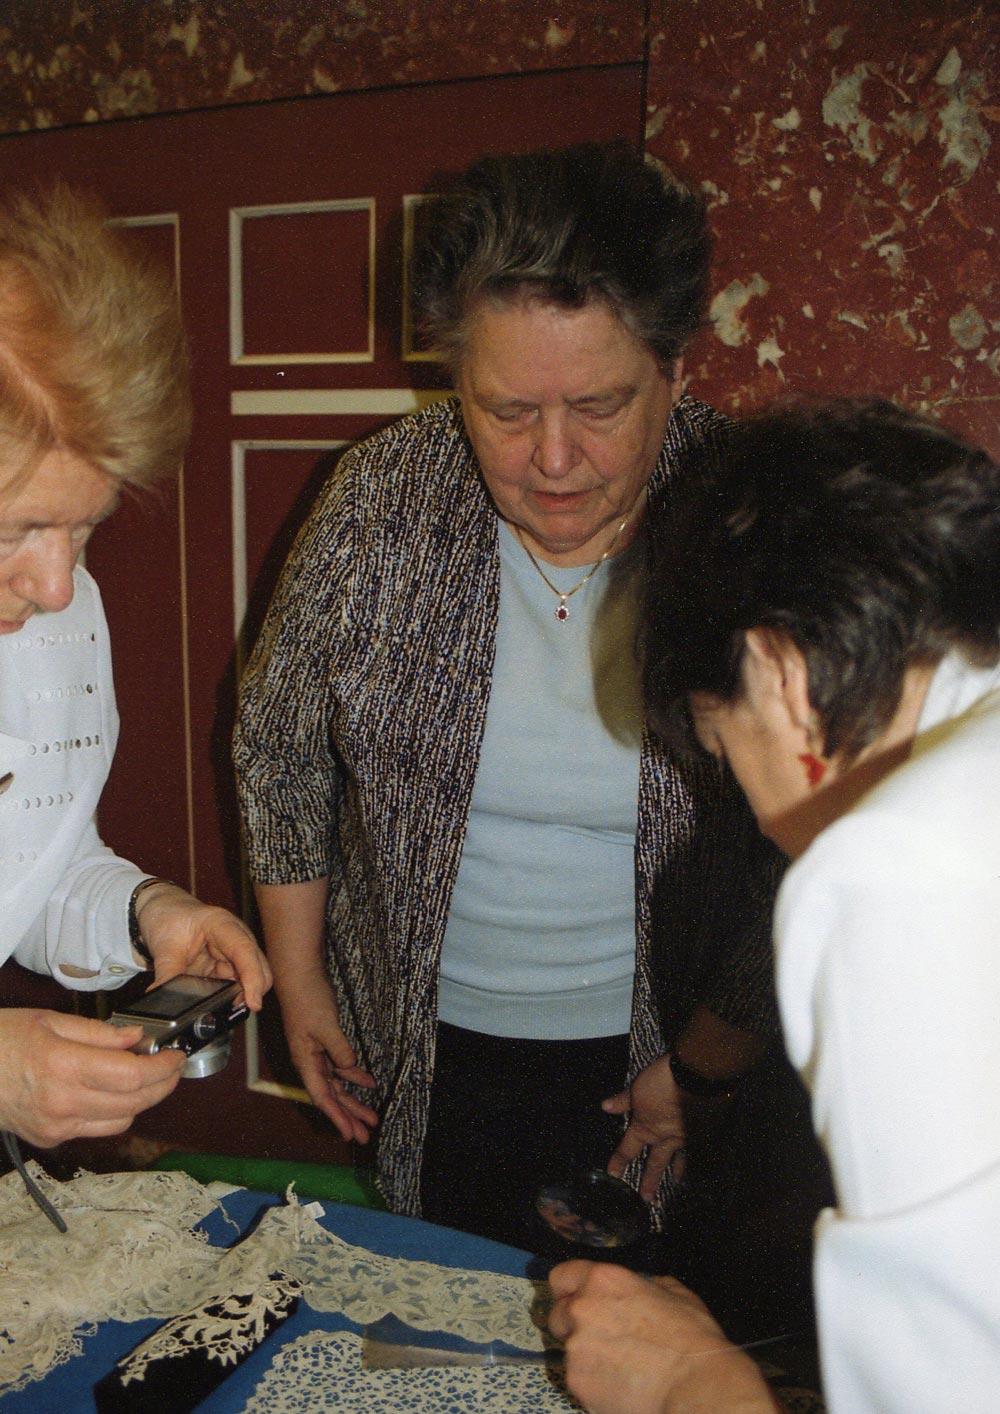 Examining Antique European Lace